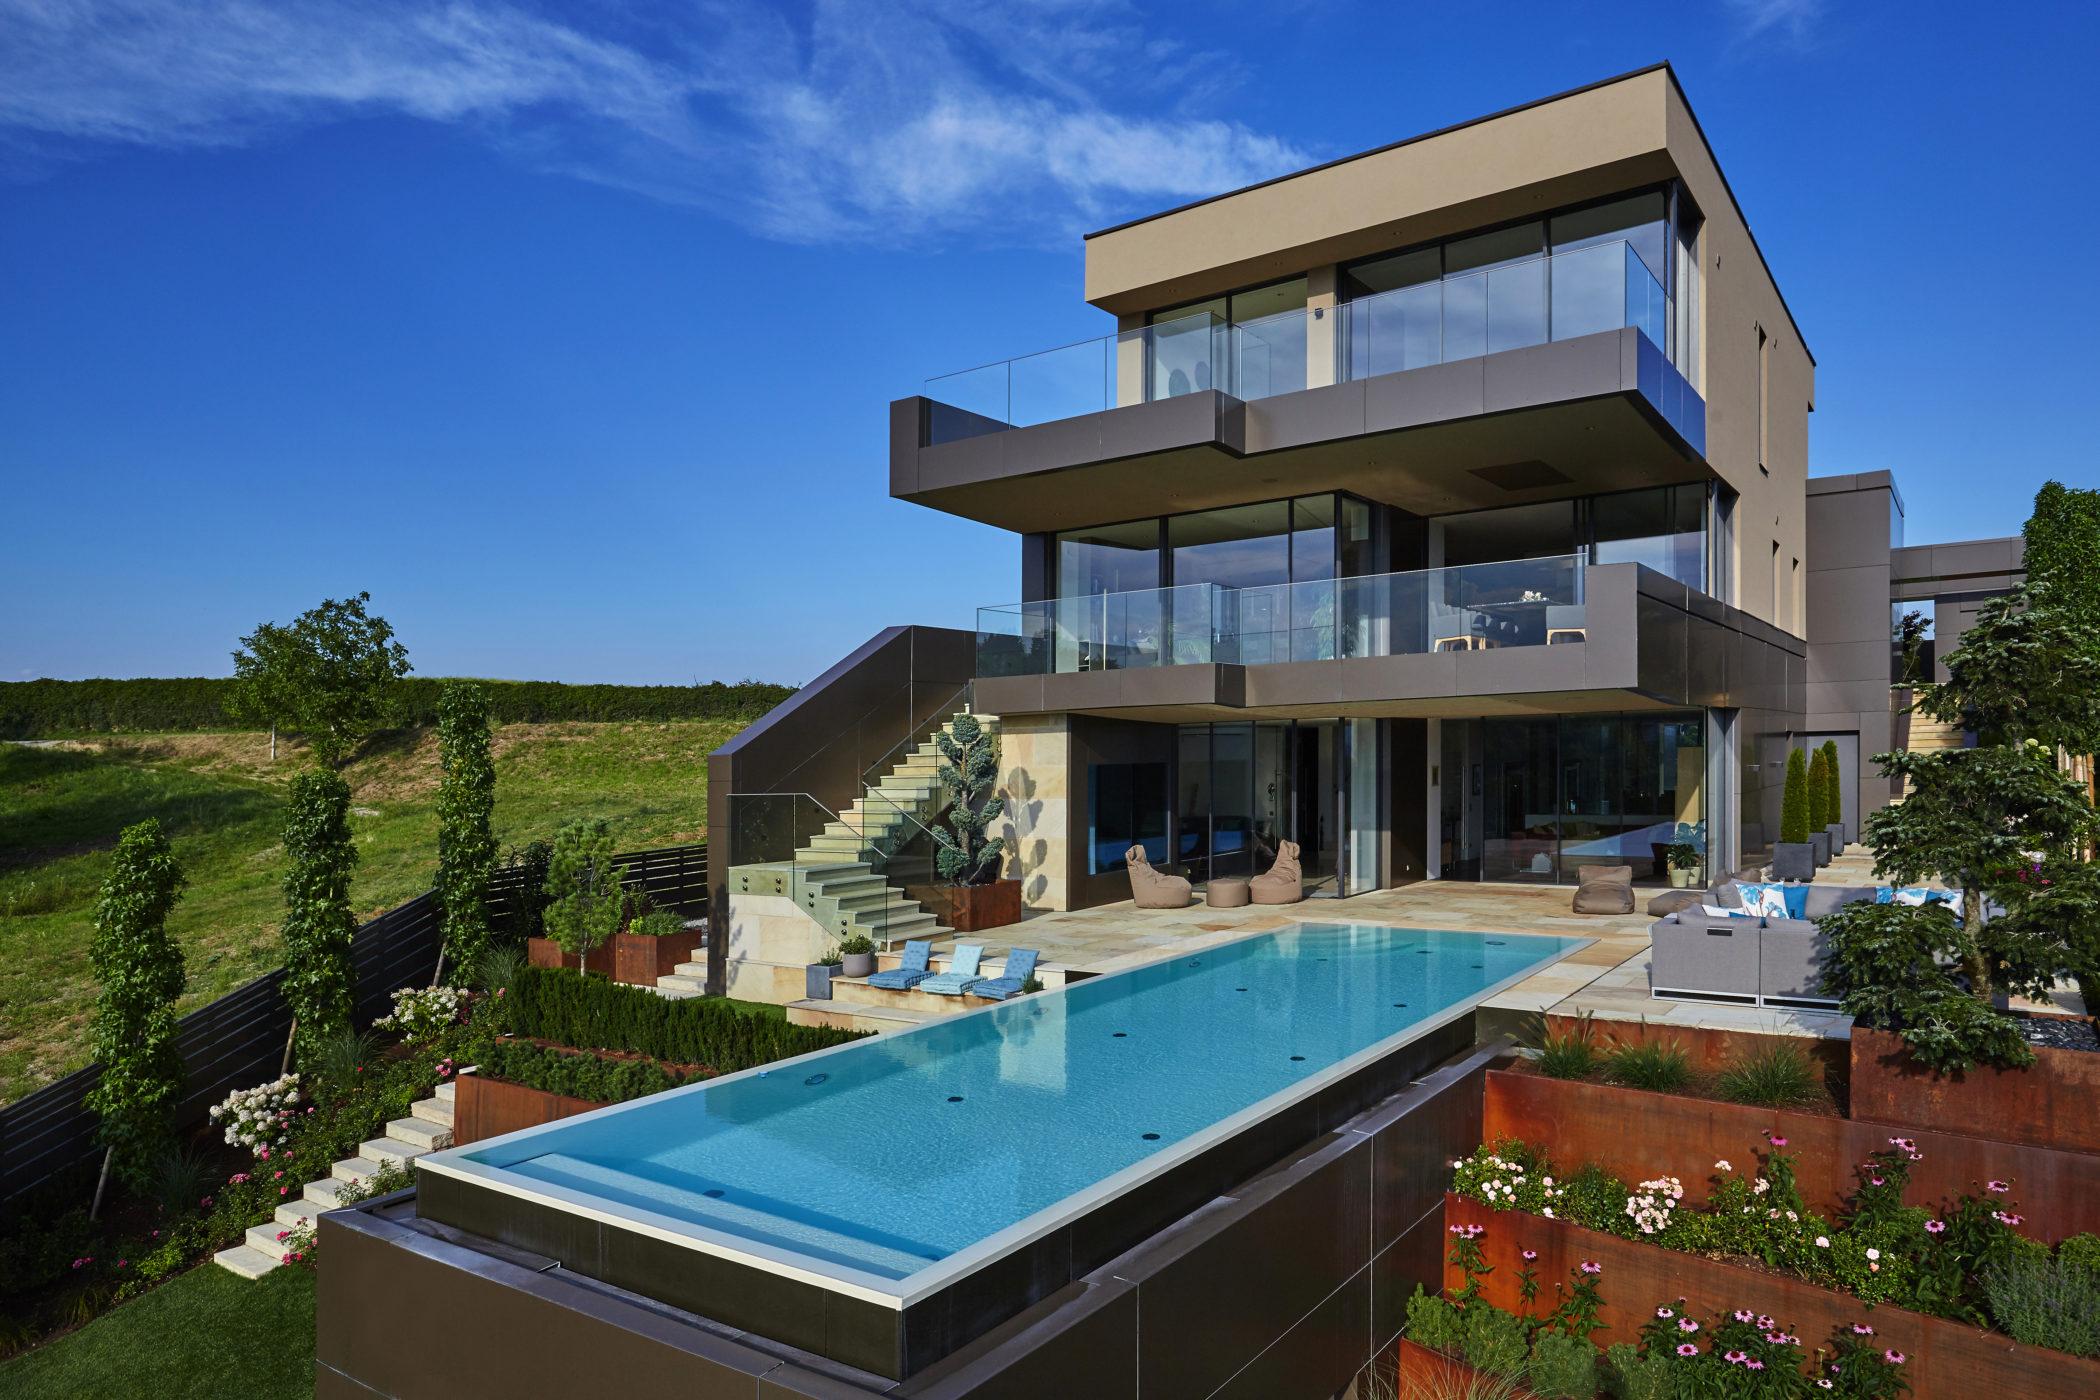 Haus, Architektur, Schwimmbad,